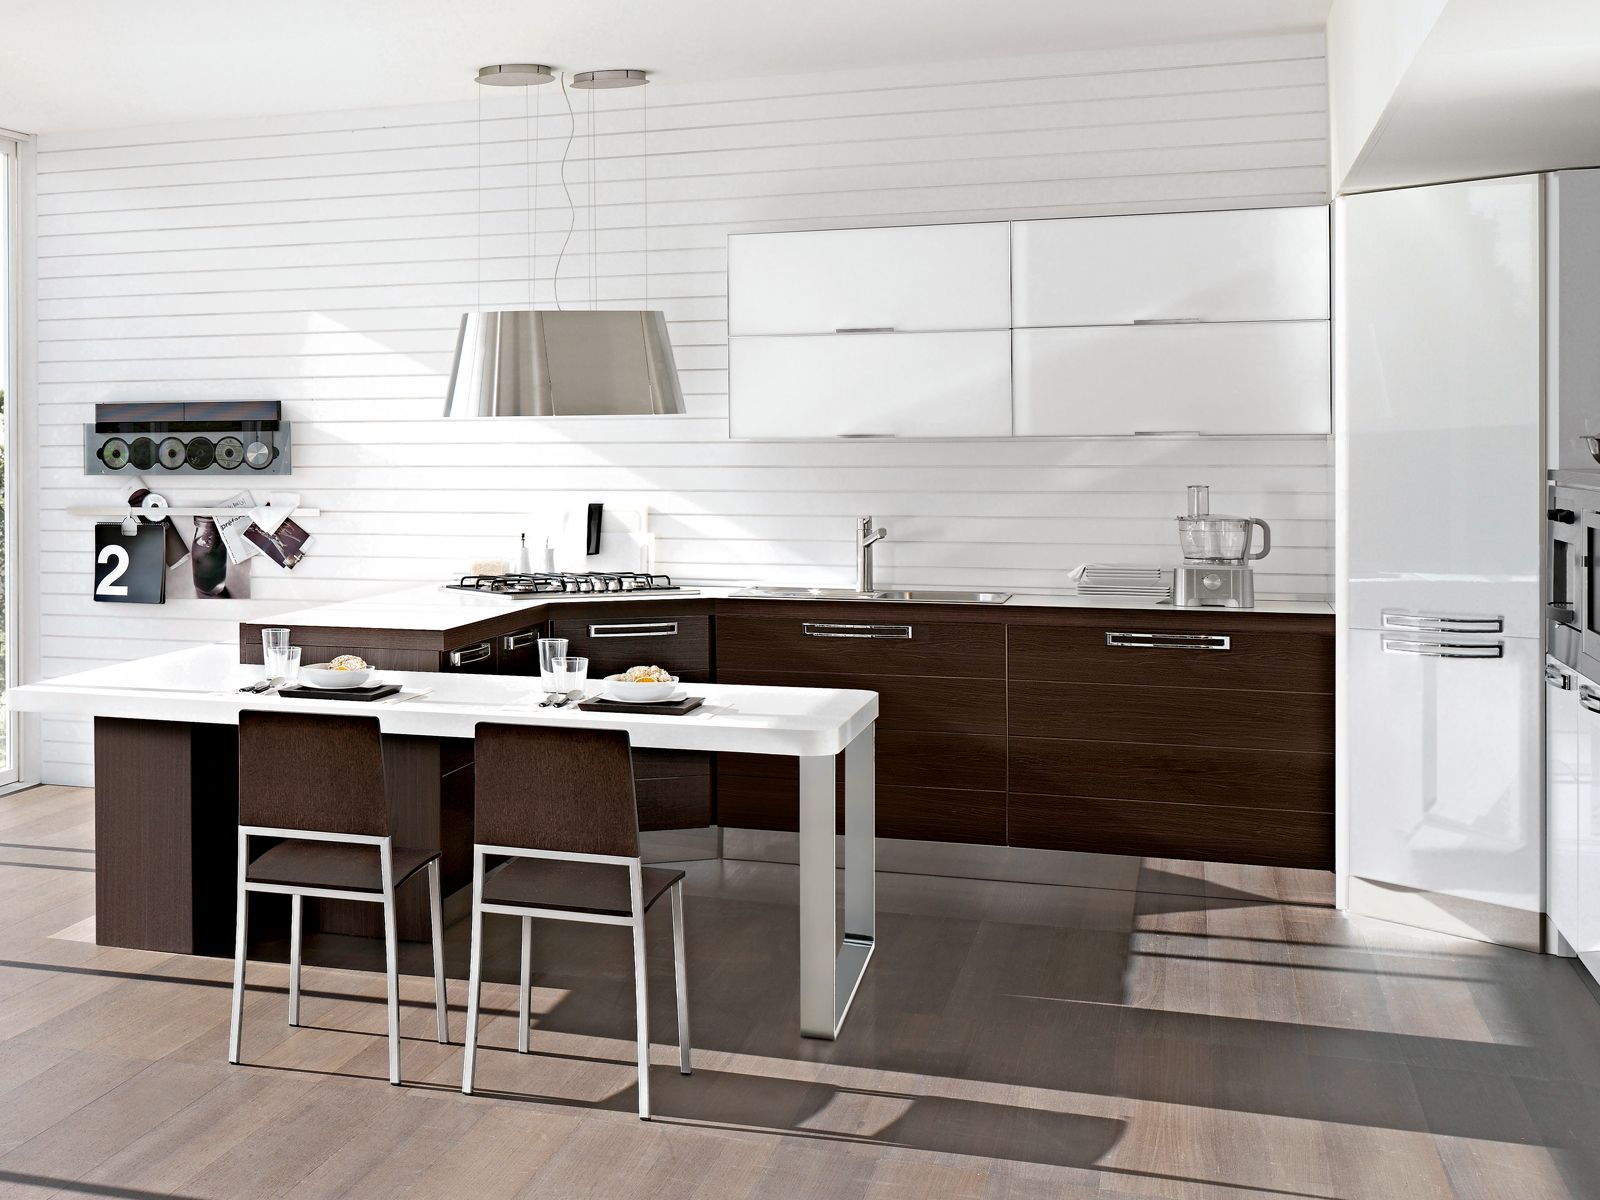 La cucina  in soggiorno  Cucine  Pinterest  Cuisine blanche Cuisine salle  manger e